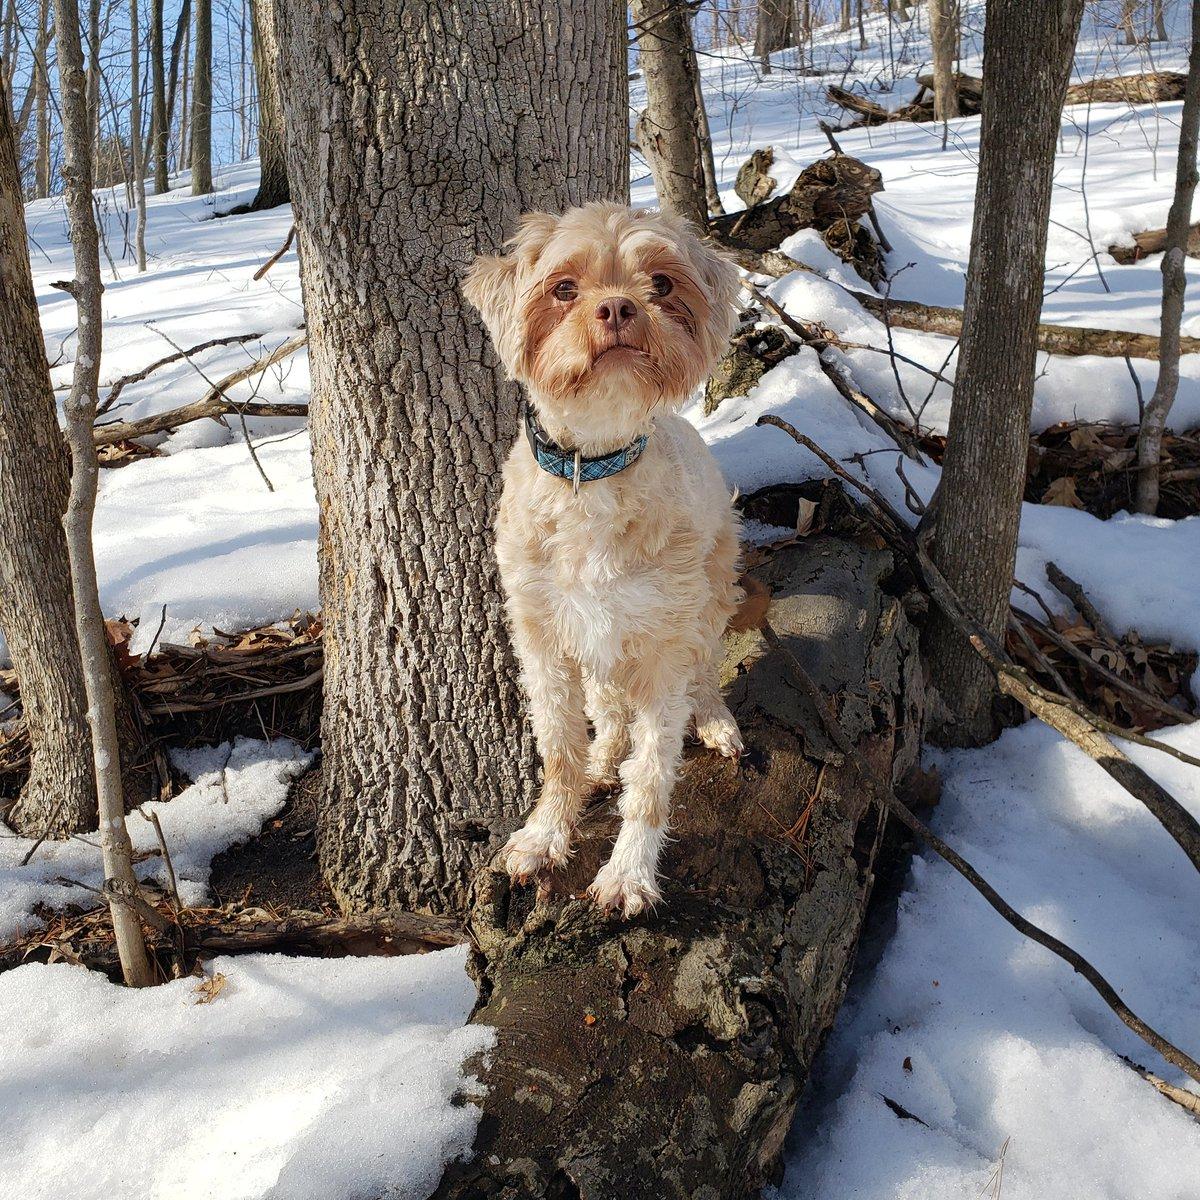 Joey's #enjoyingwinter #muppetdog #winter #winterdog #doginthesnow #cutedog #uglydog #sittingdog #dogphoto #dog #doggo #doggy #dogadventures #dogslifepic.twitter.com/kmddBCvGsP